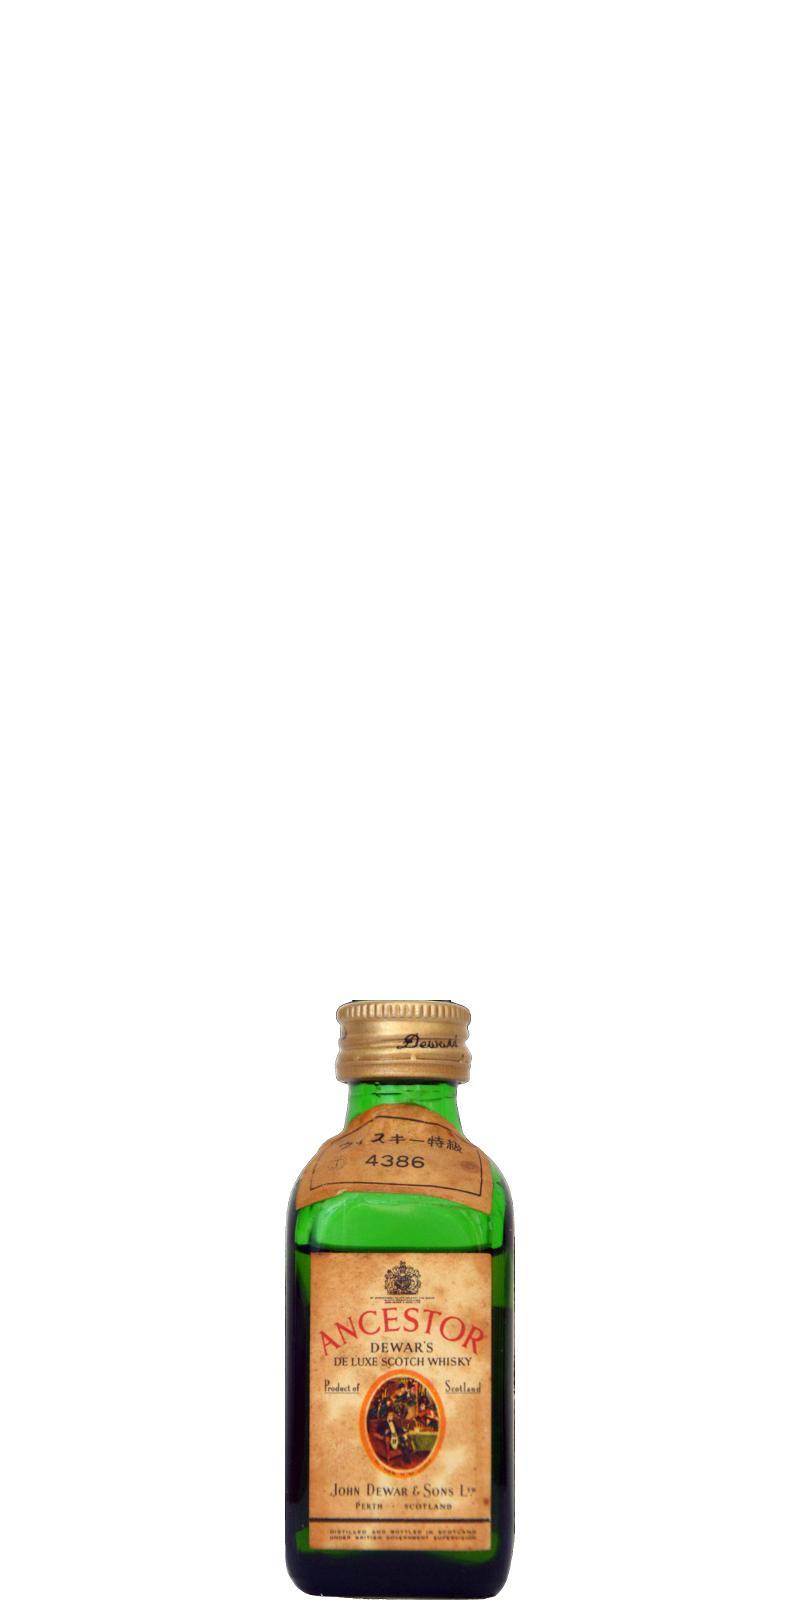 Ancestor Dewar's De Luxe Scotch Whisky